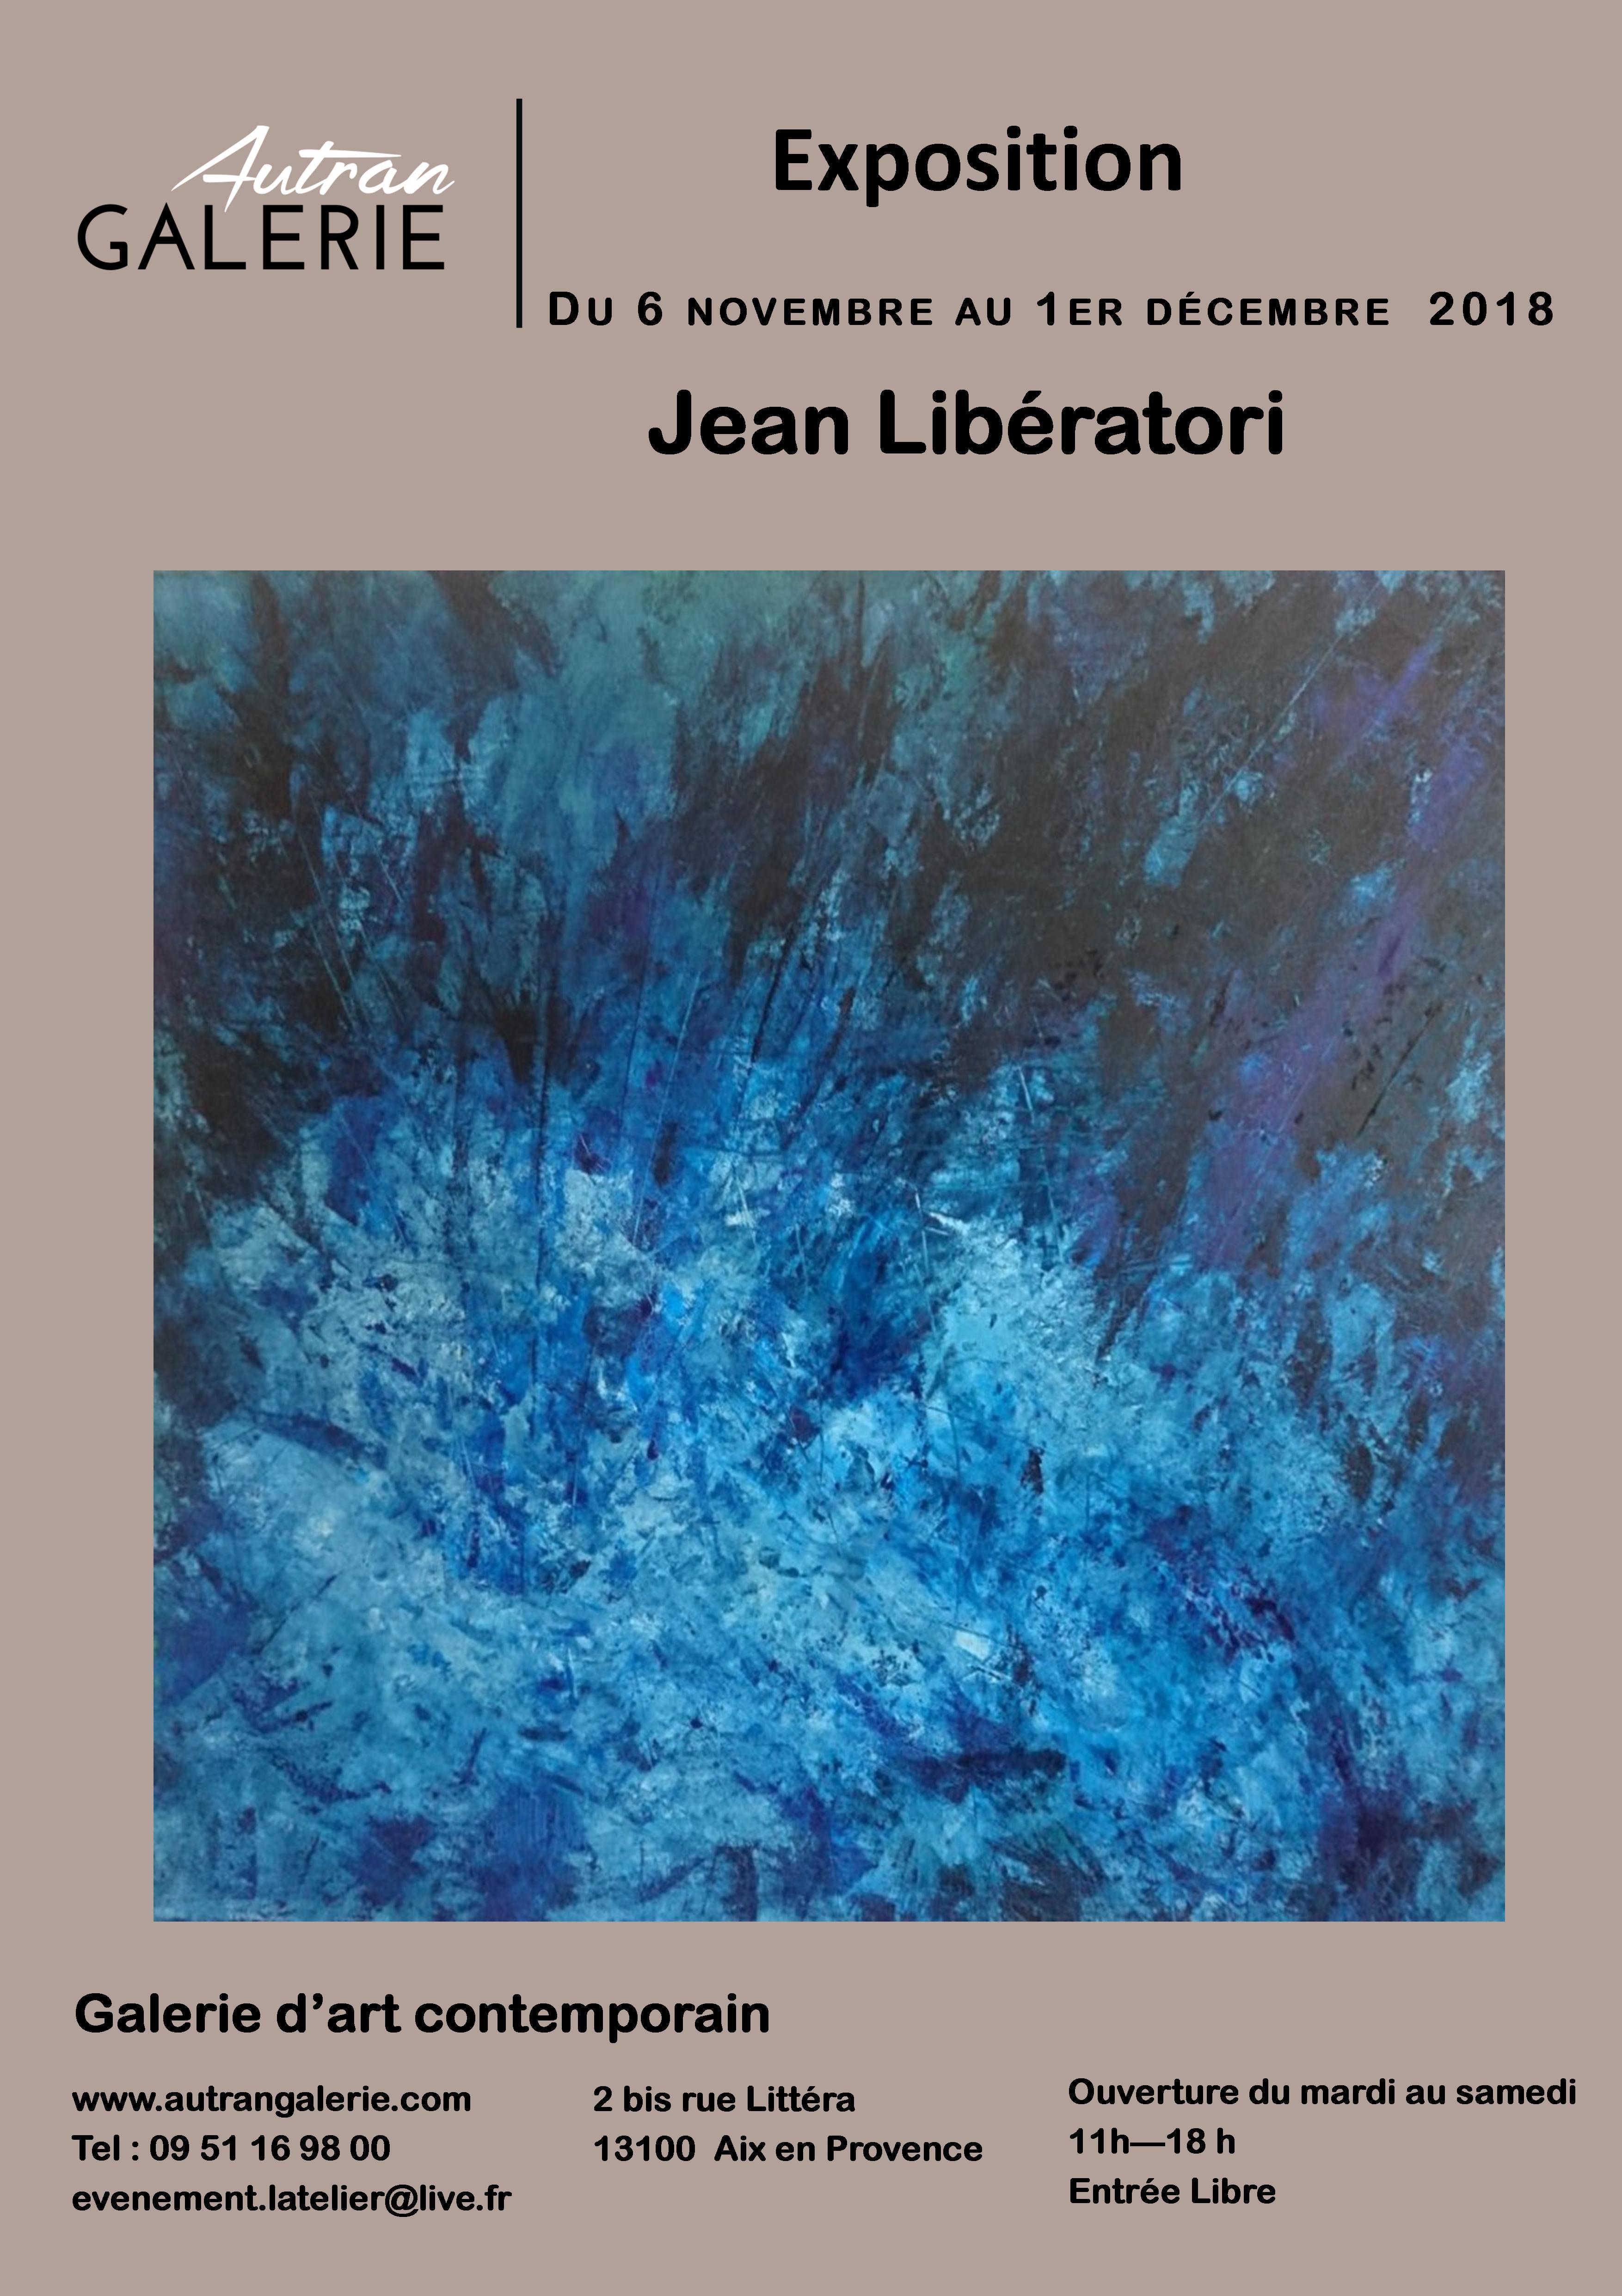 Jean Liberatori